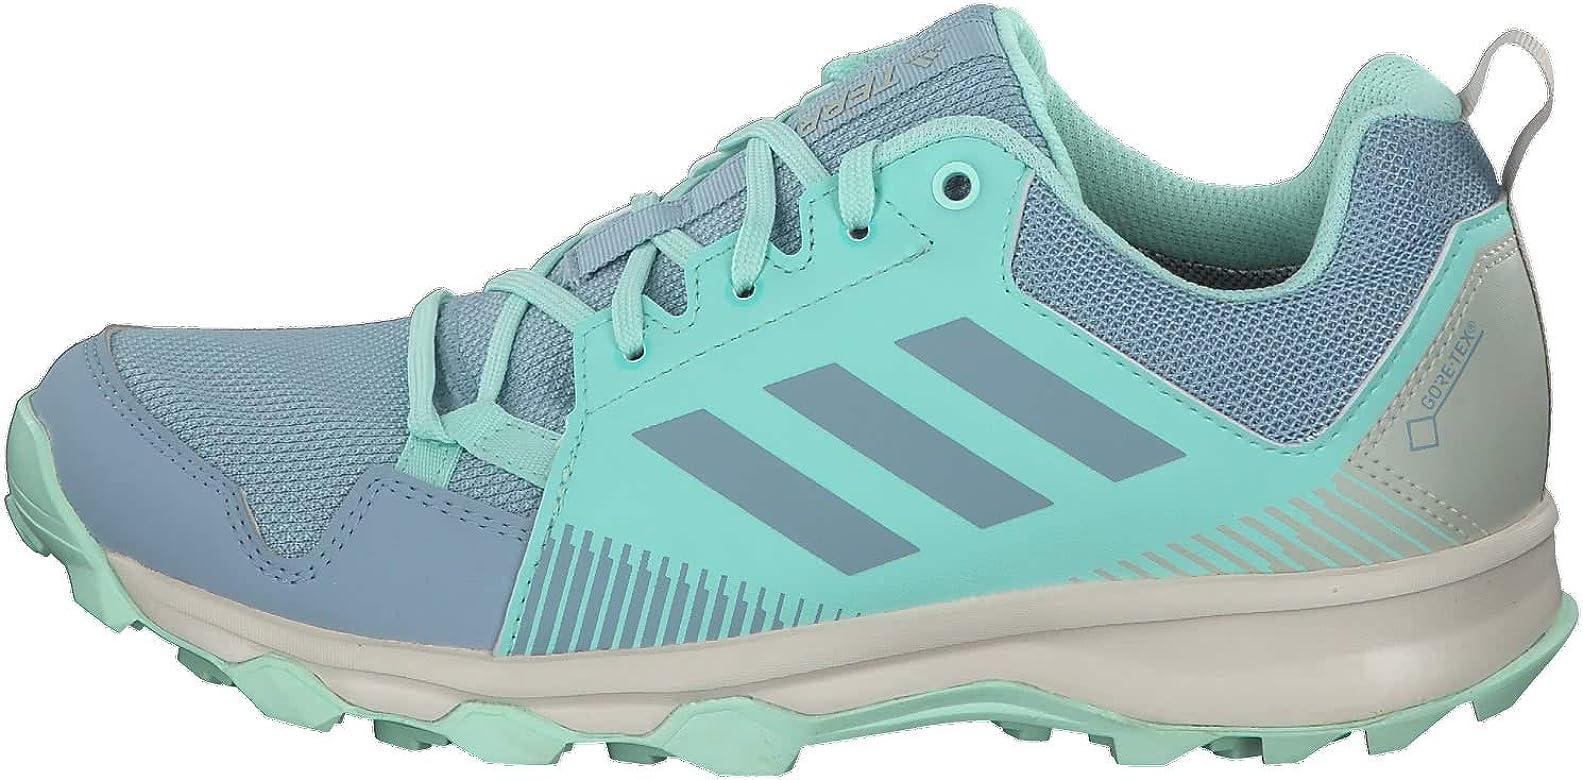 Adidas Terrex Tracerocker GTX W, Zapatillas de Deporte para Mujer, Multicolor (Multicolor 000), 36 1/3 EU: Amazon.es: Zapatos y complementos